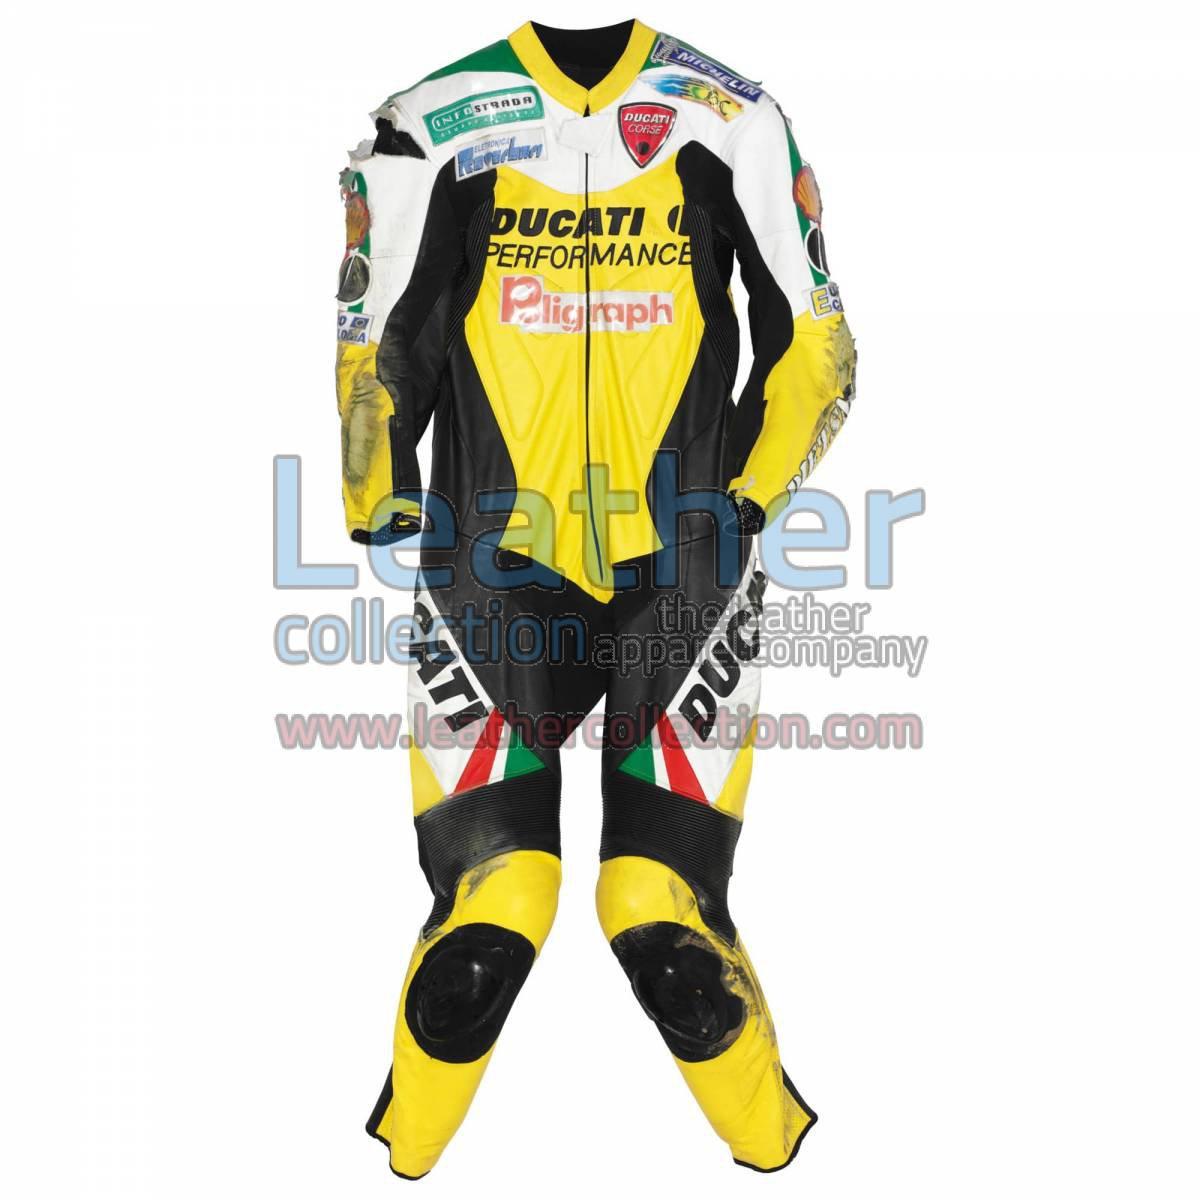 Paolo Casoli Ducati AMA Supersport 1999 Suit